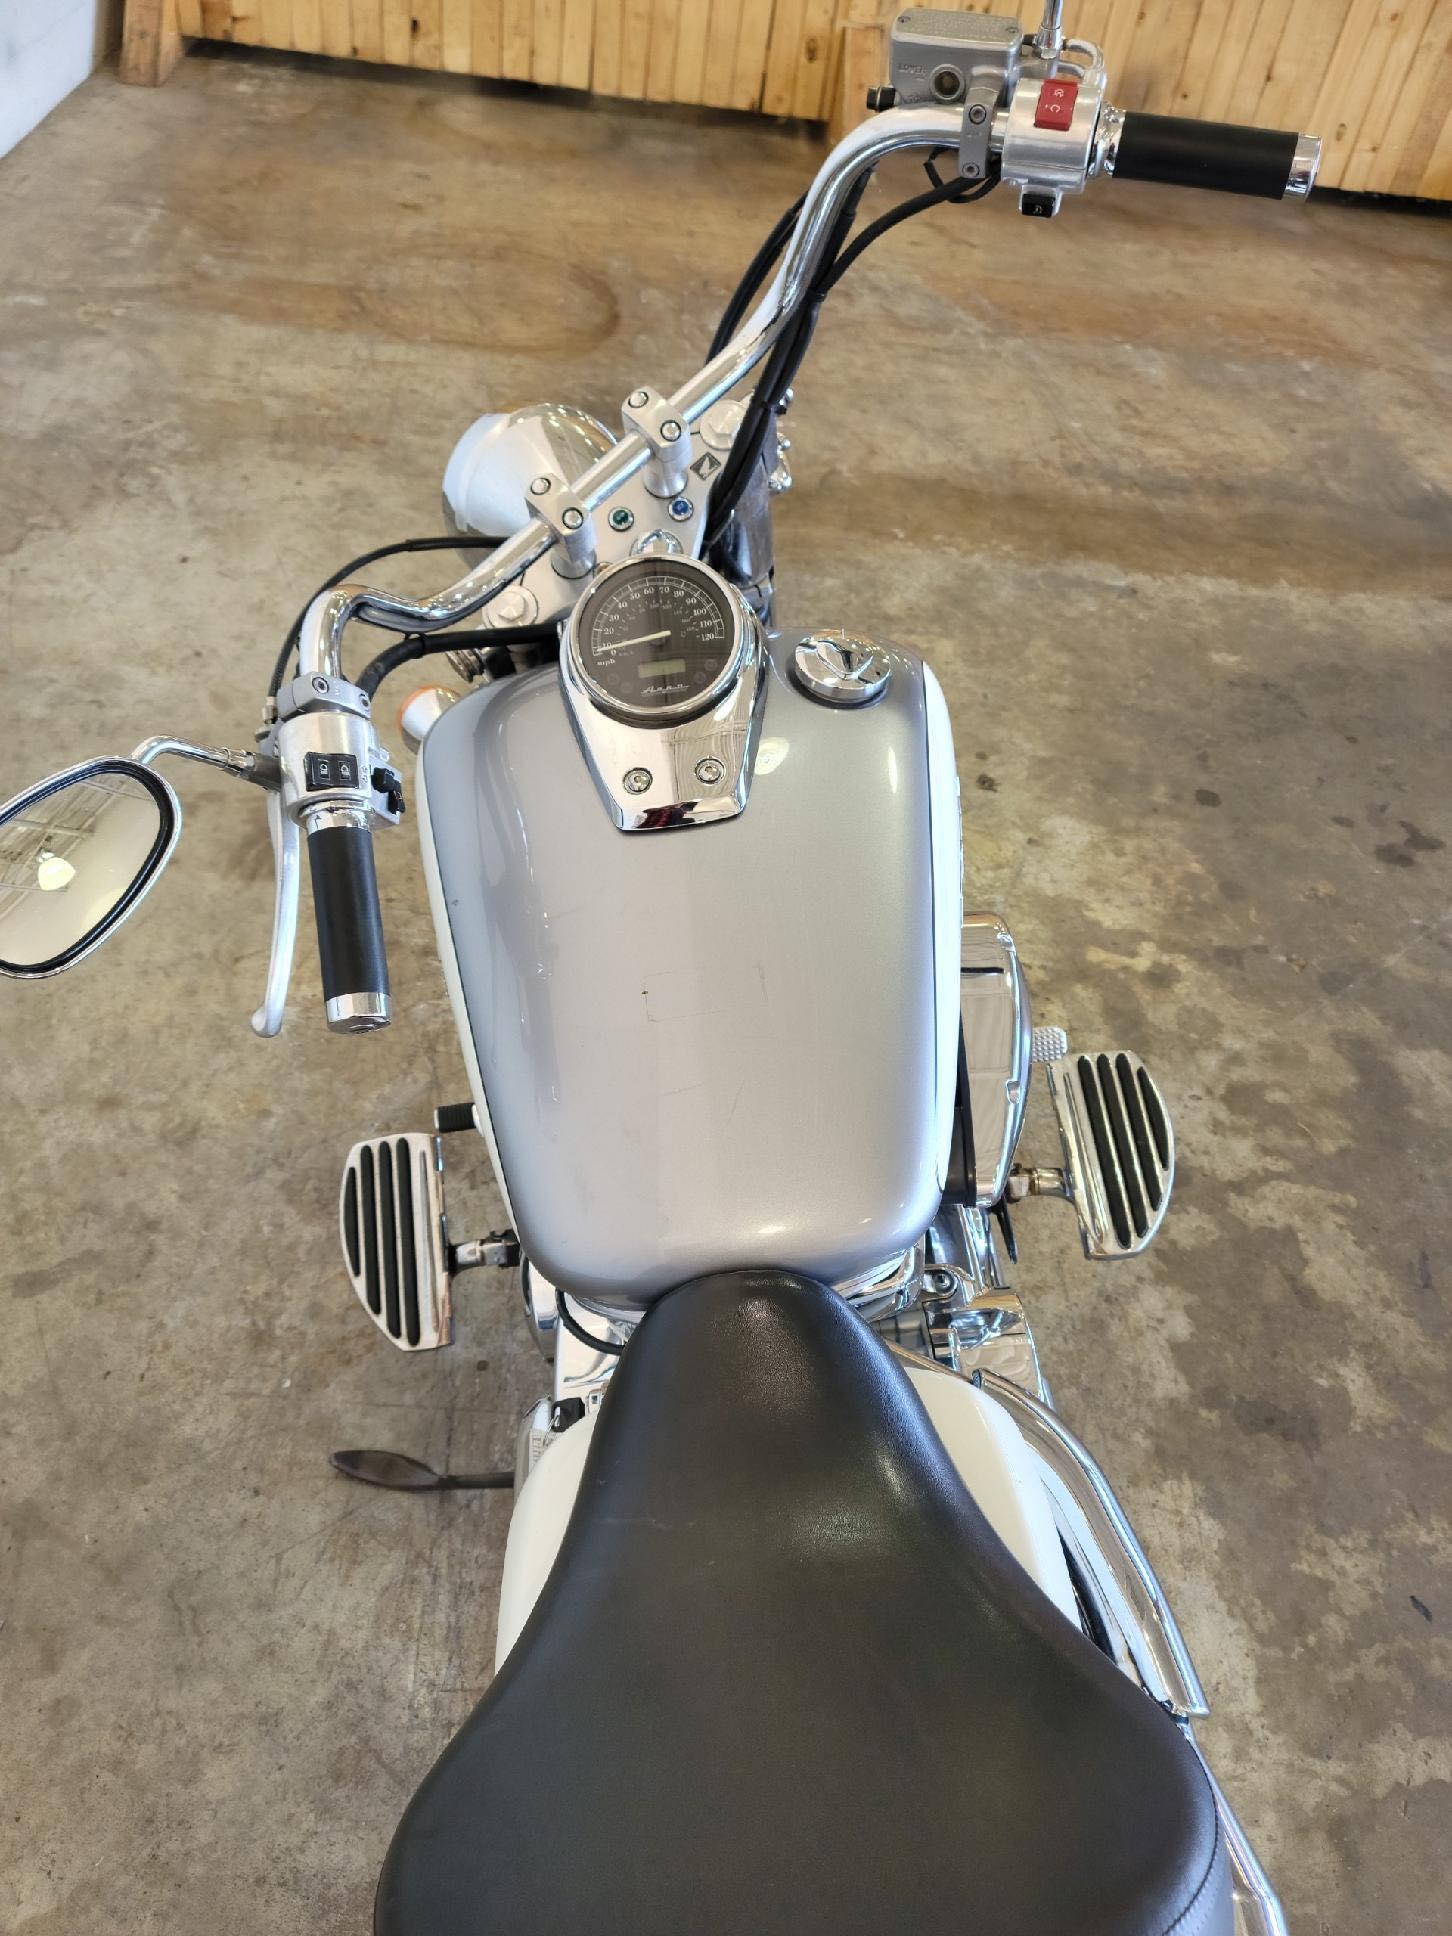 2013 Honda Shadow Aero at Twisted Cycles